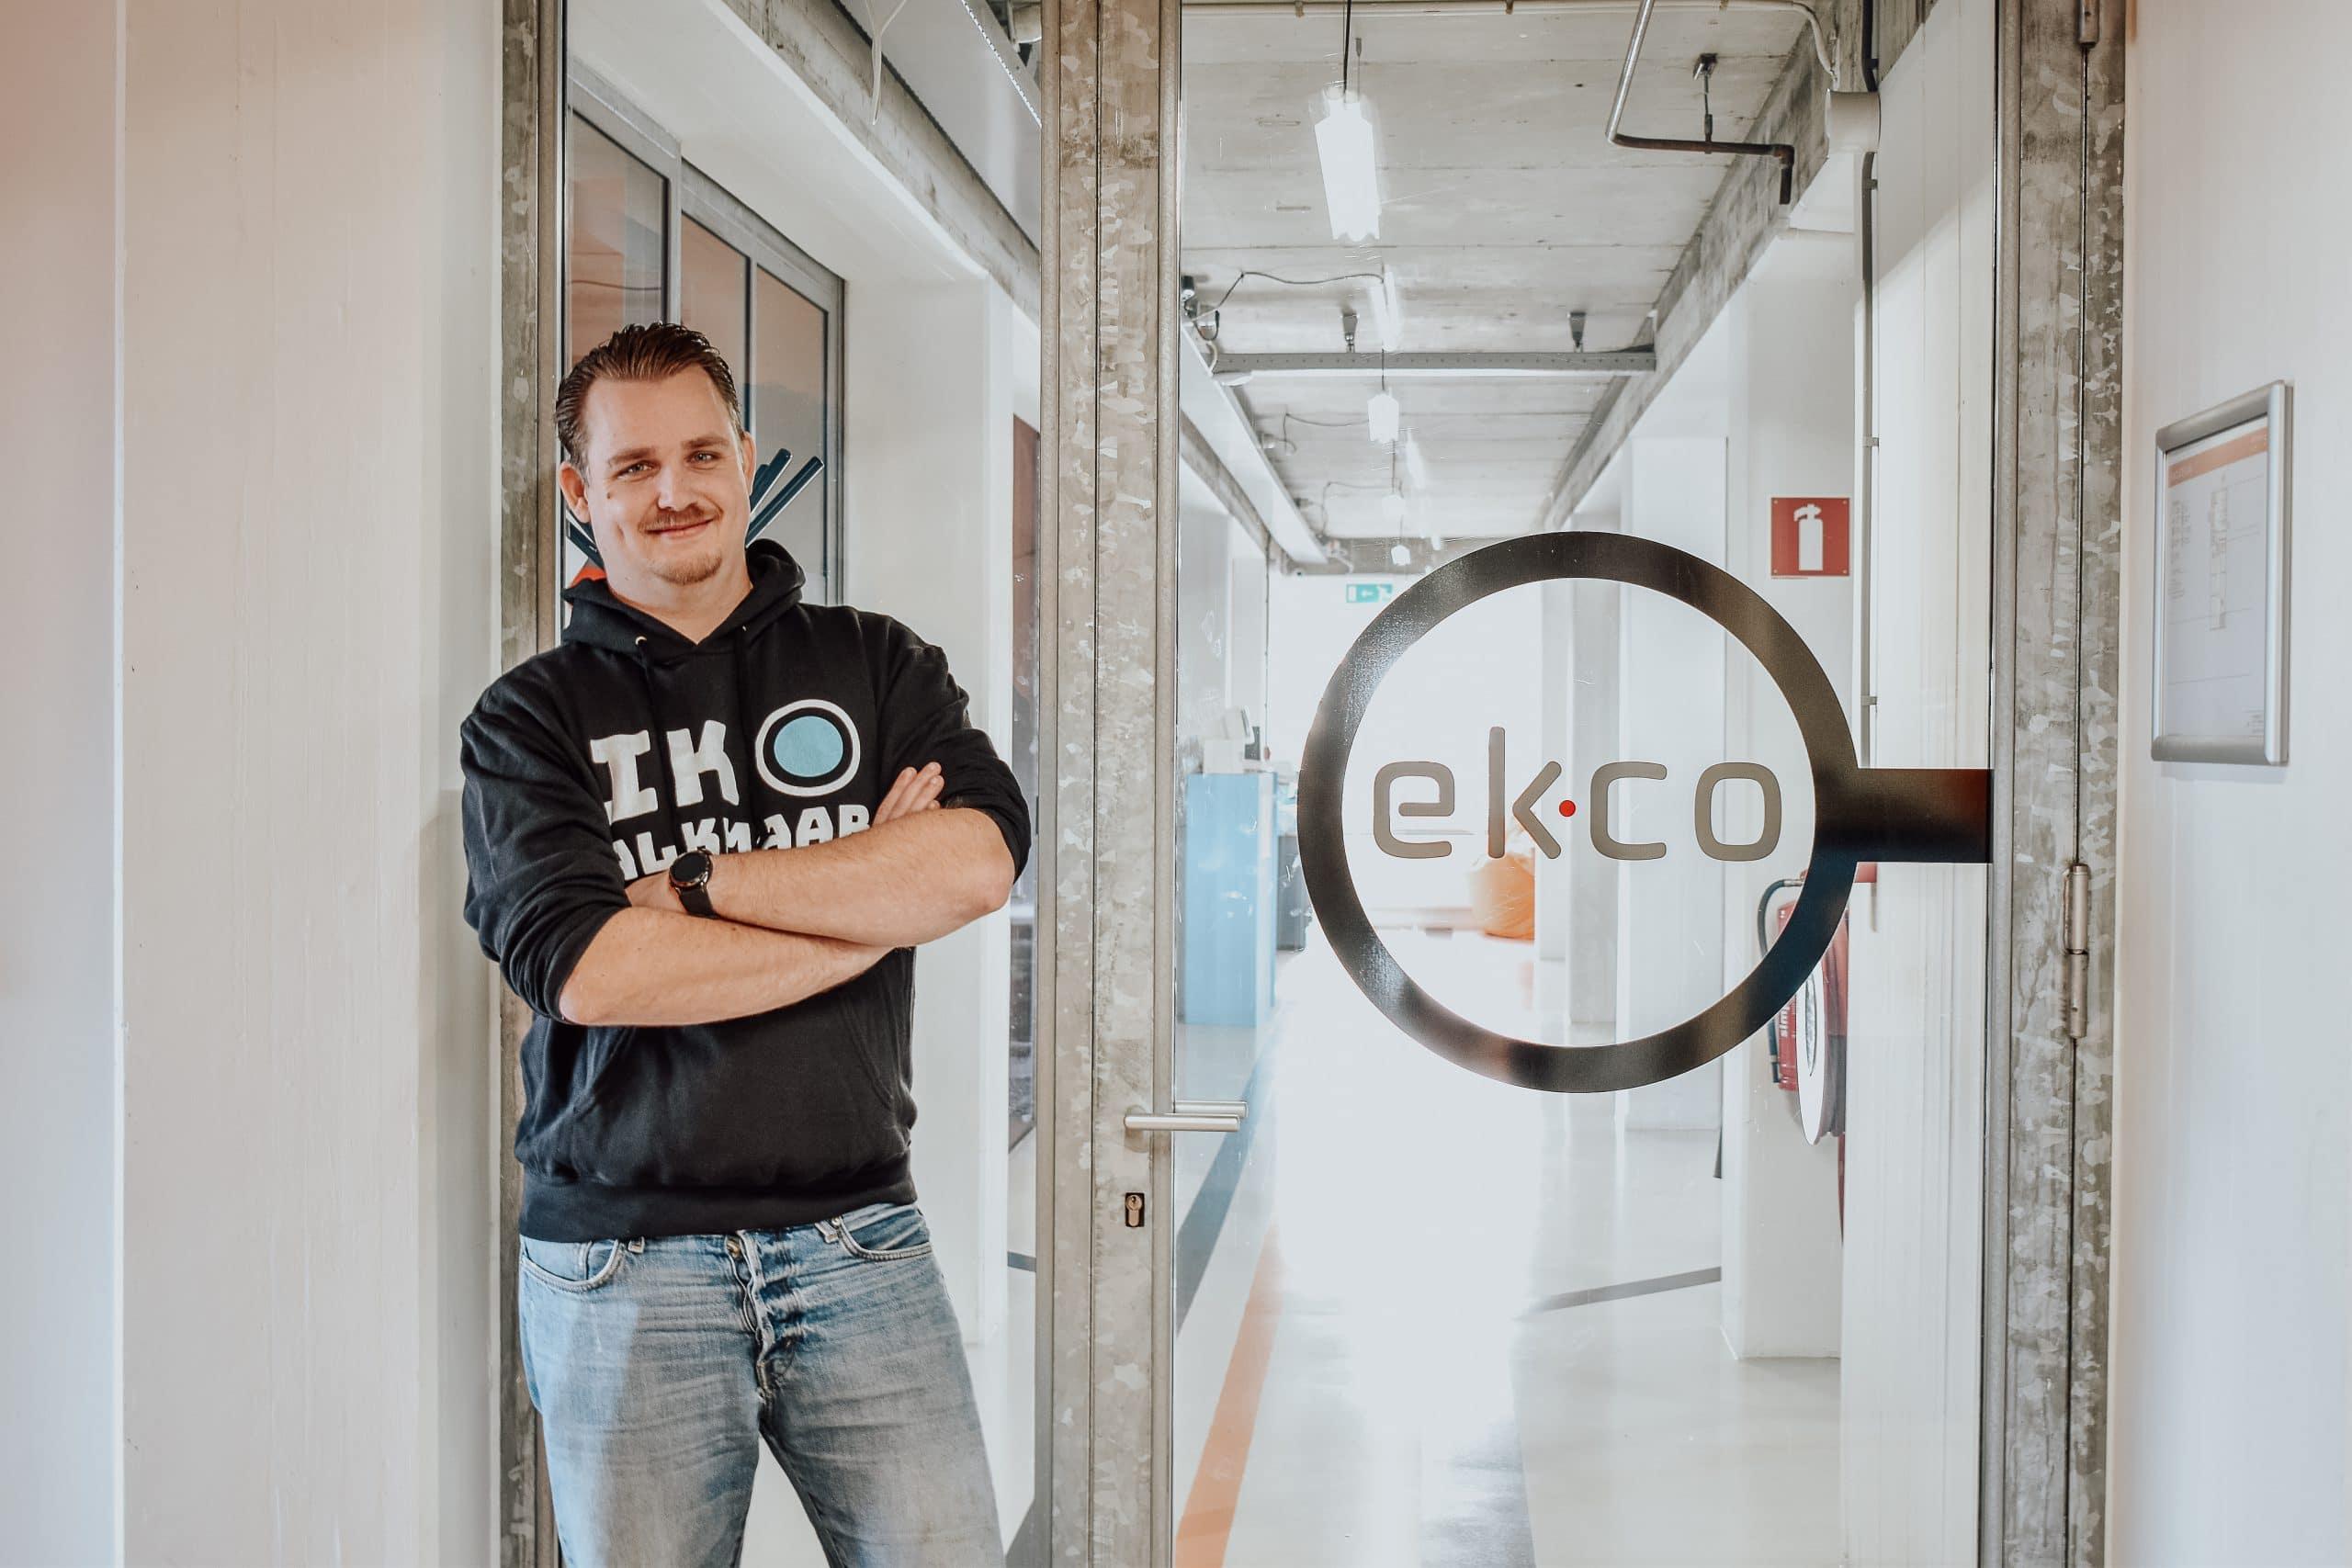 Niels Holwerda ekco